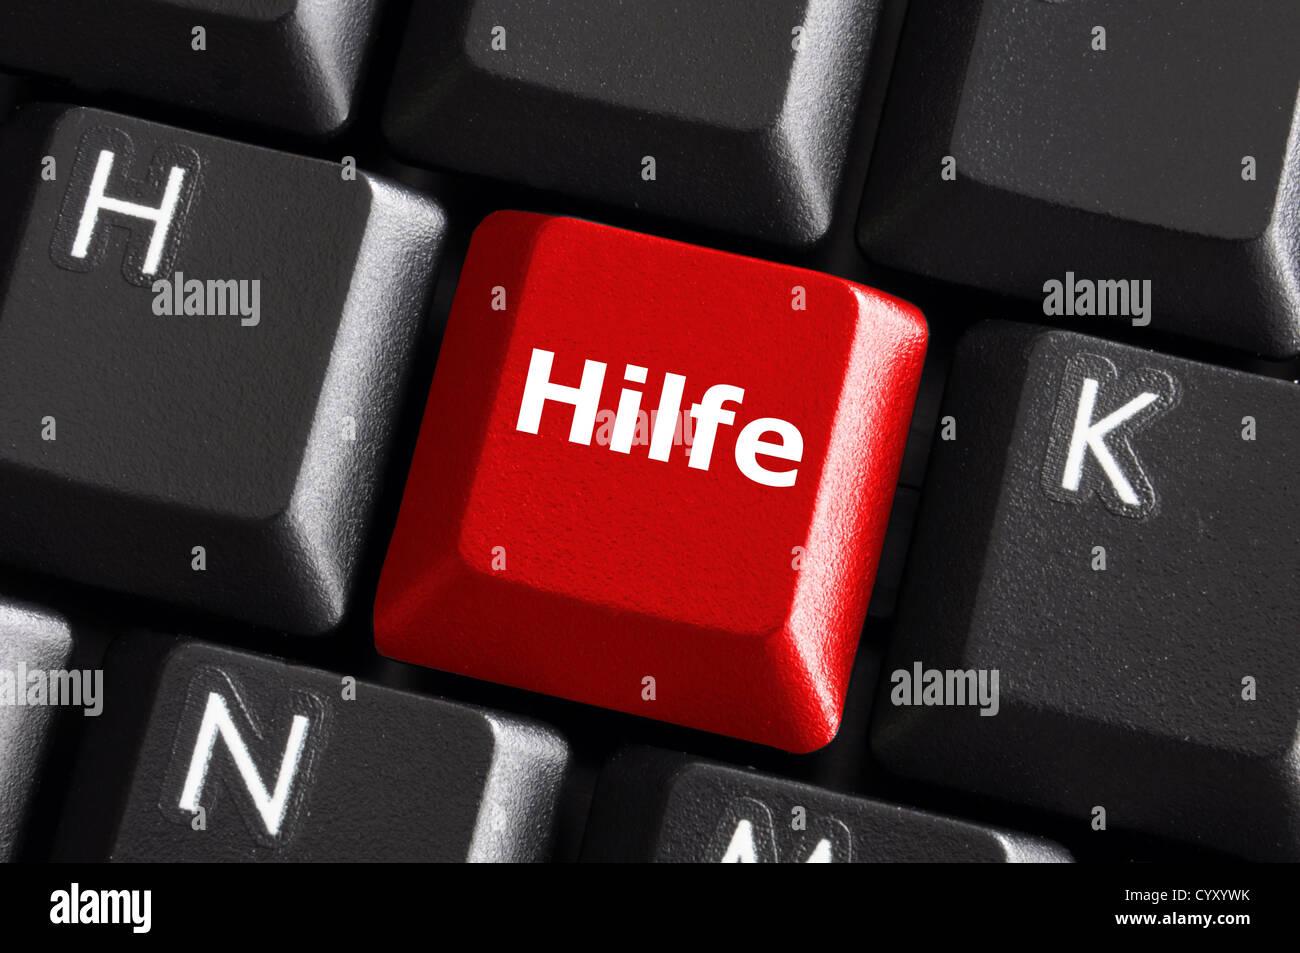 deutsches Wort Hilfe zeigt Hilfe oder Support-Konzept mit Tastatur Stockbild